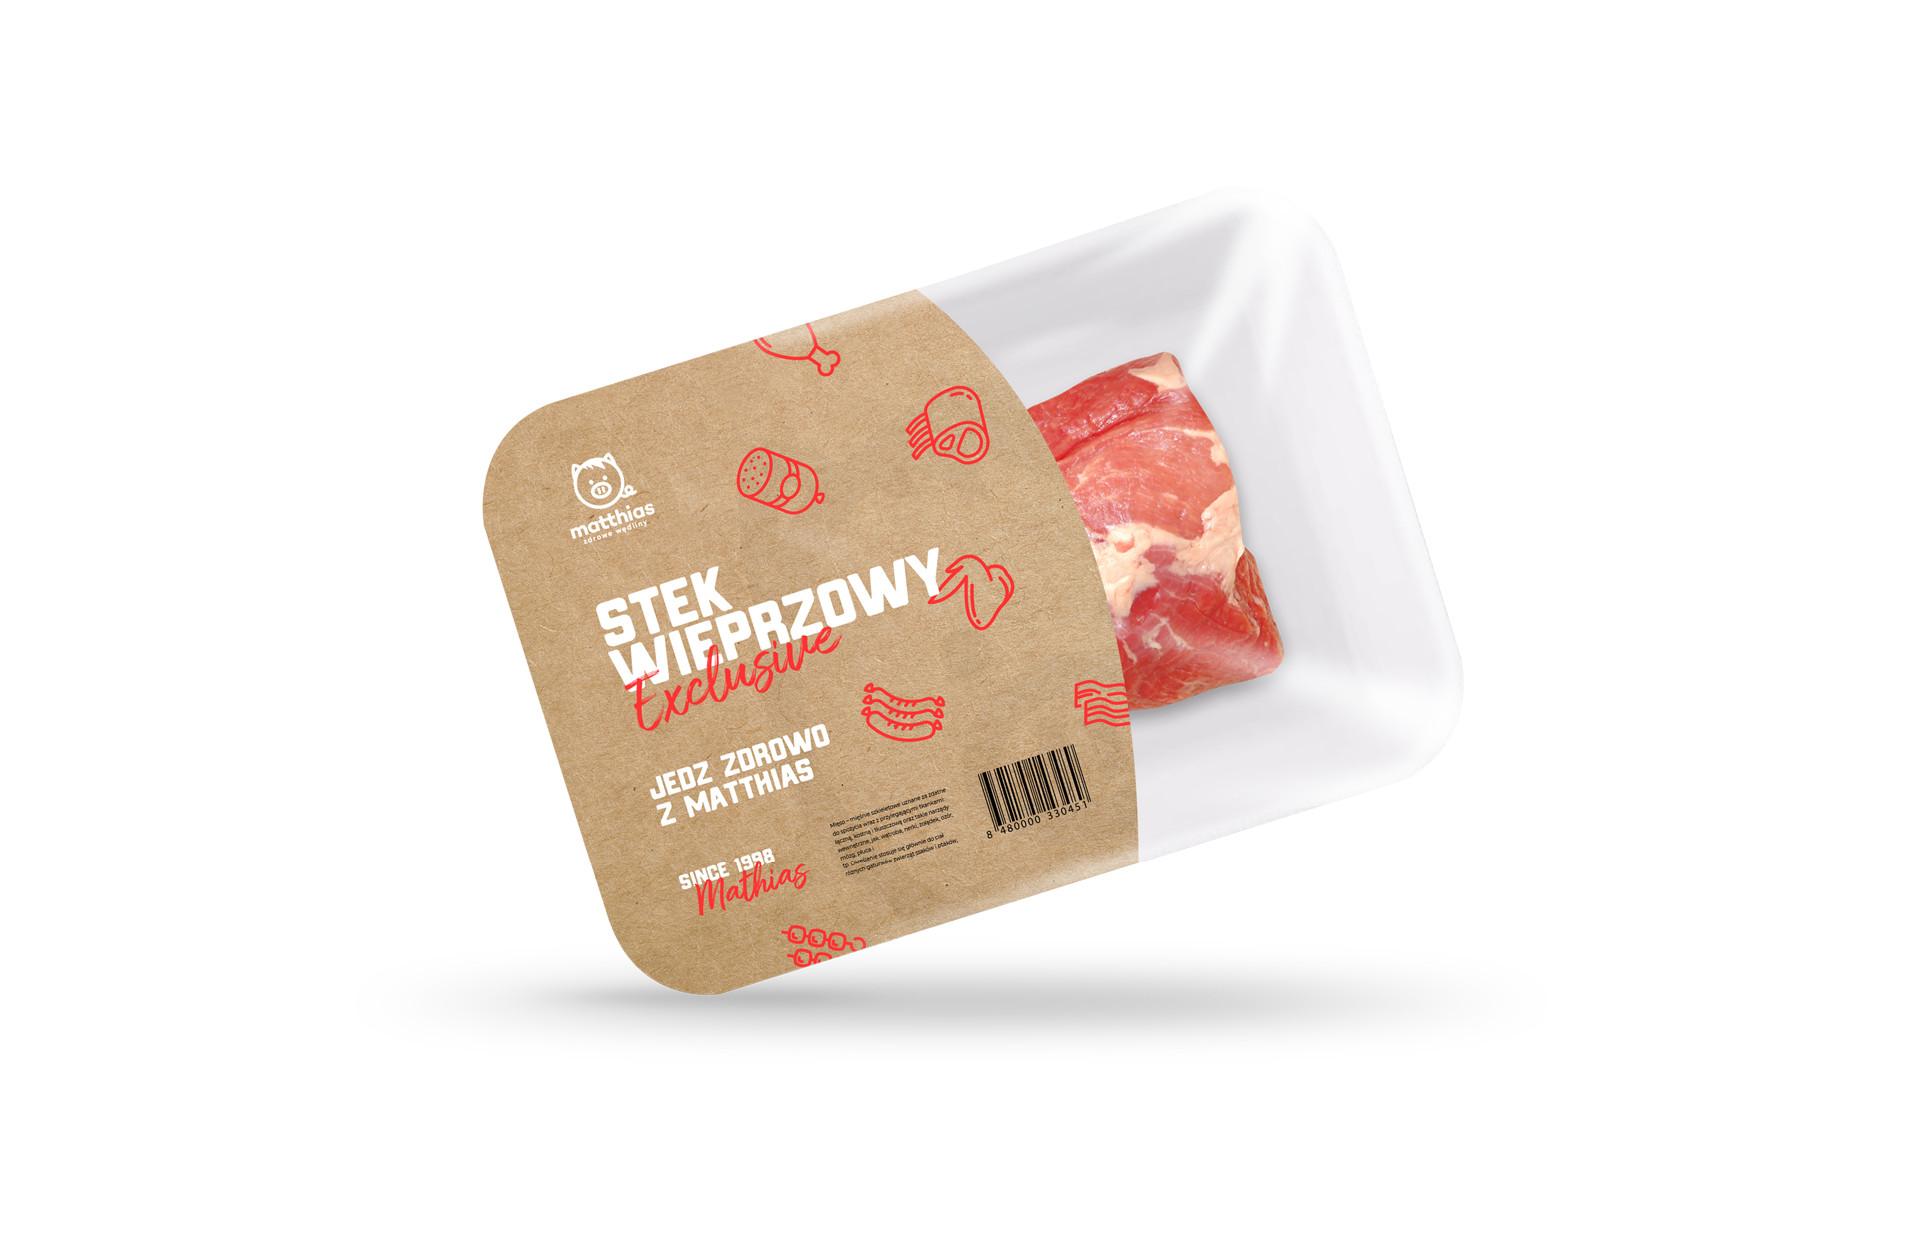 Stek wieprzowy w opakowaniu na białym tle